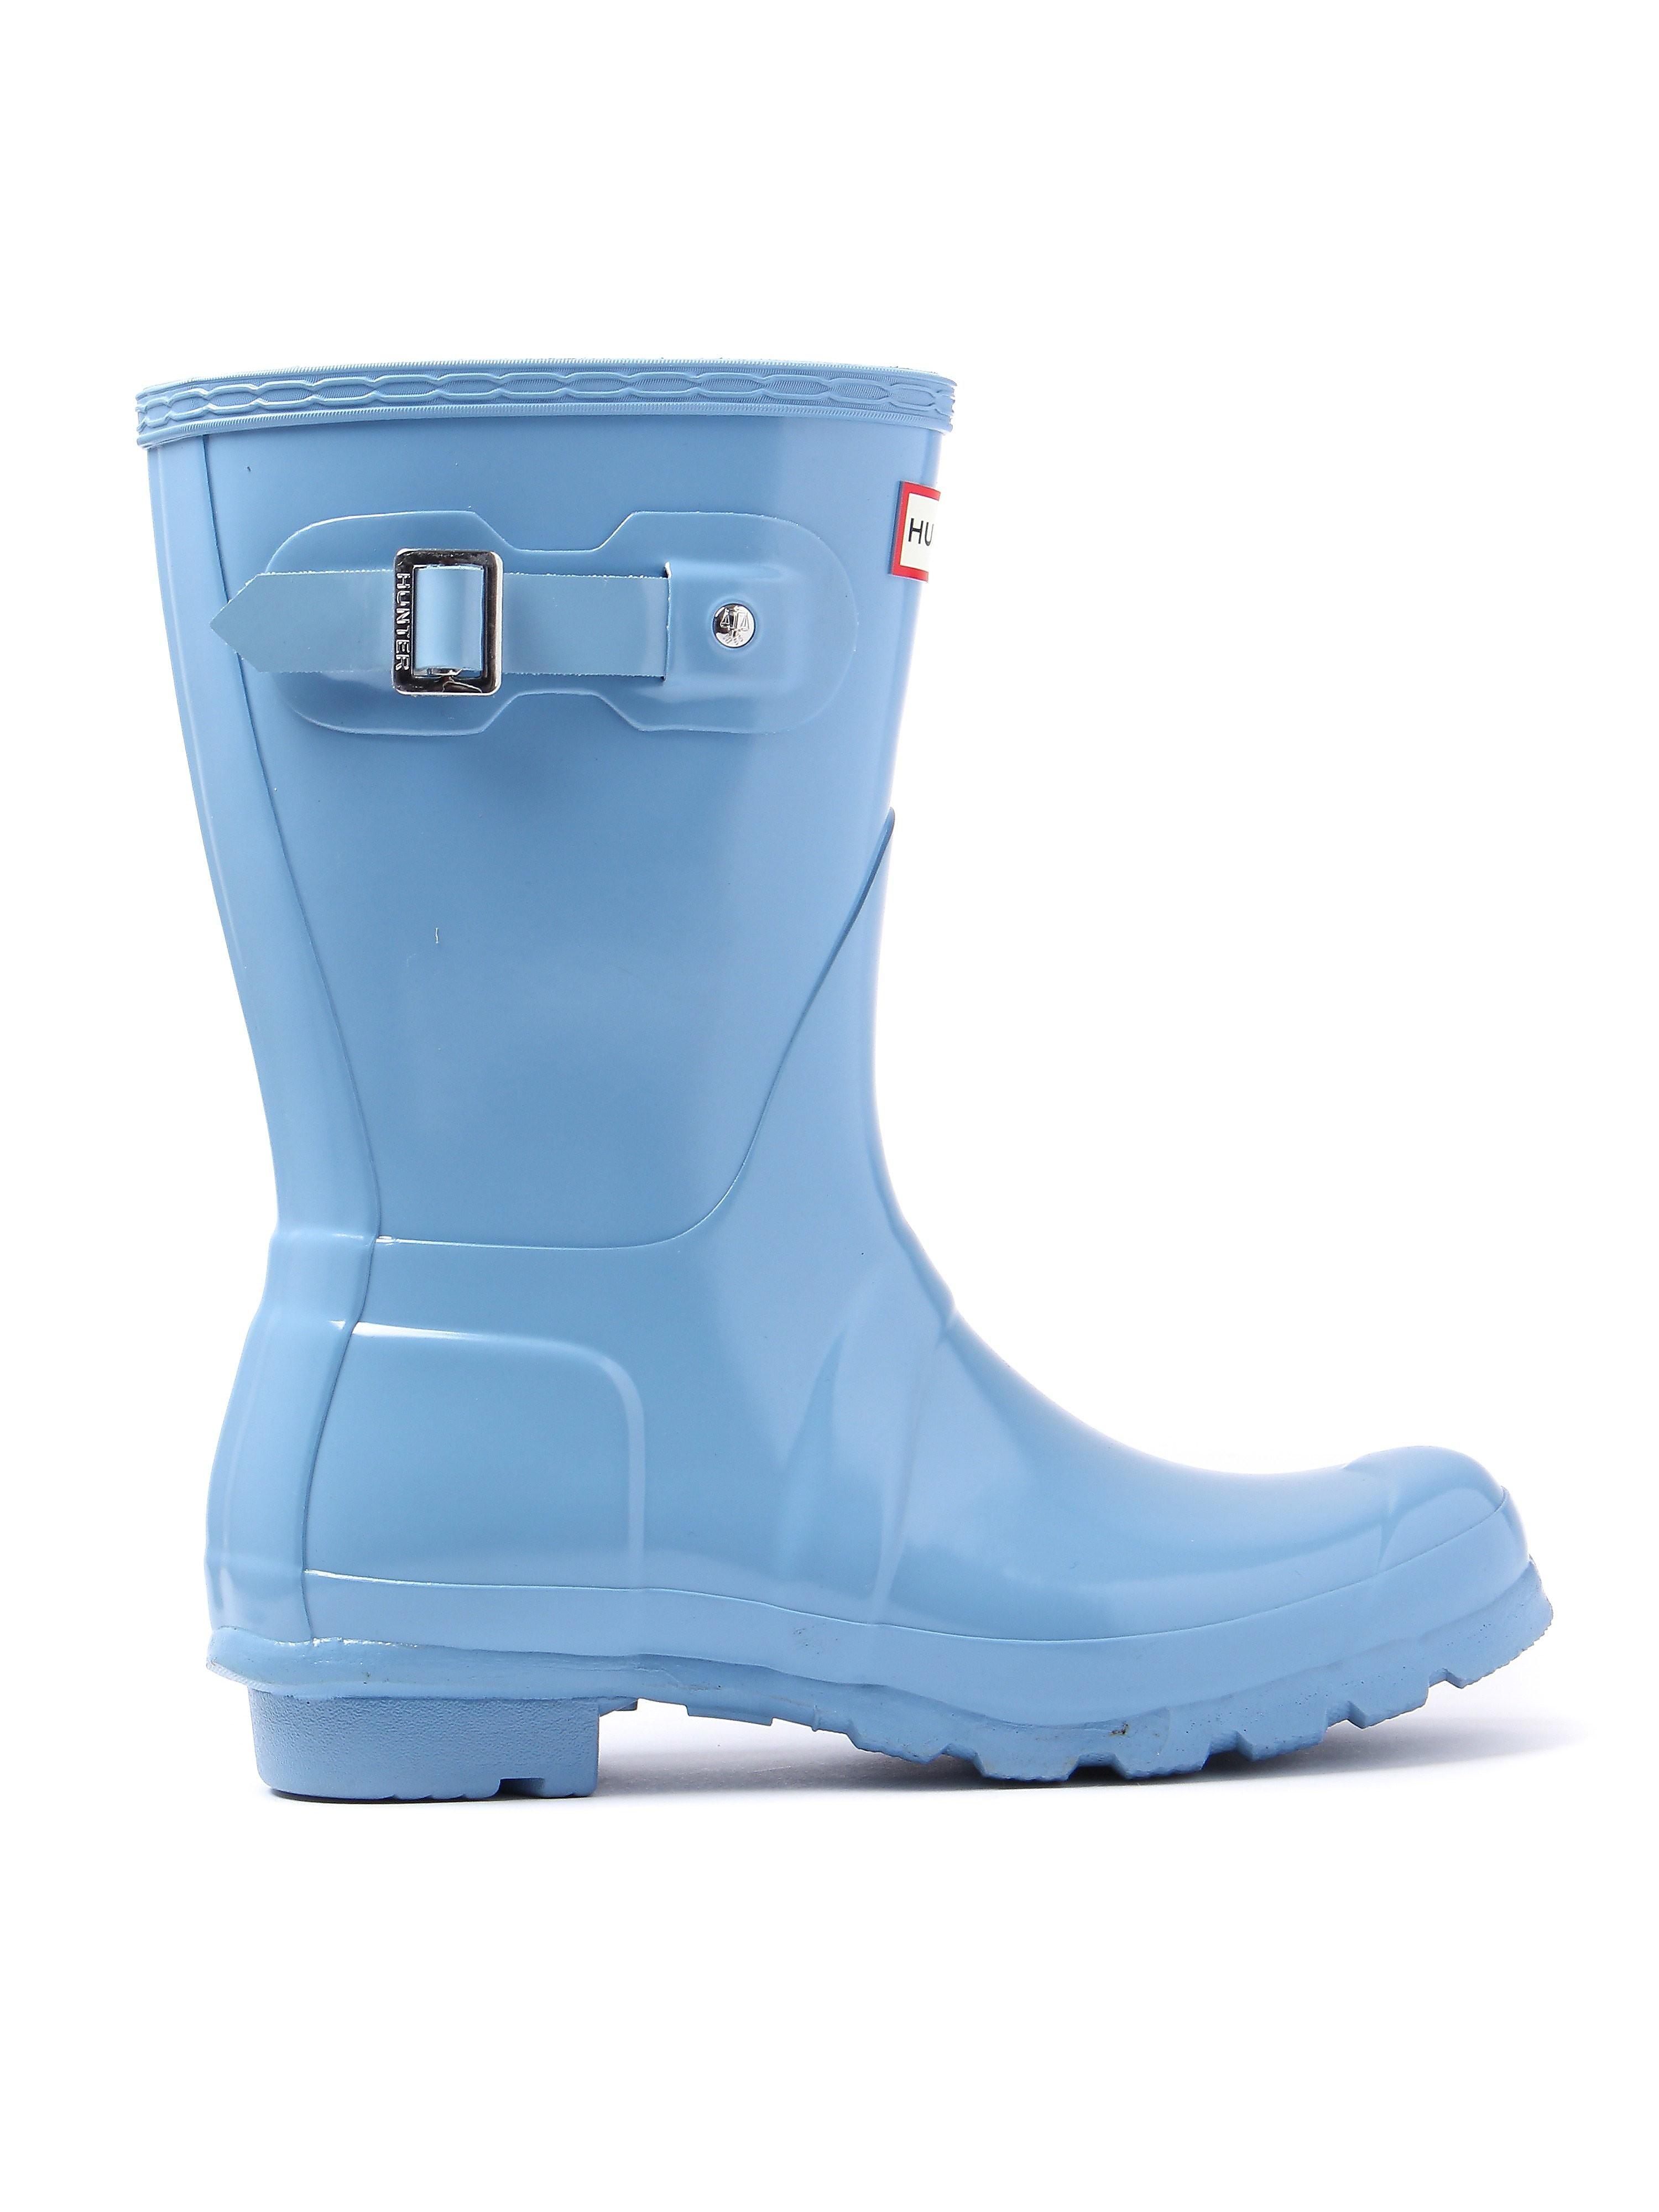 Hunter Wellies Women's Original Short Wellington Boots - Pale Blue Gloss